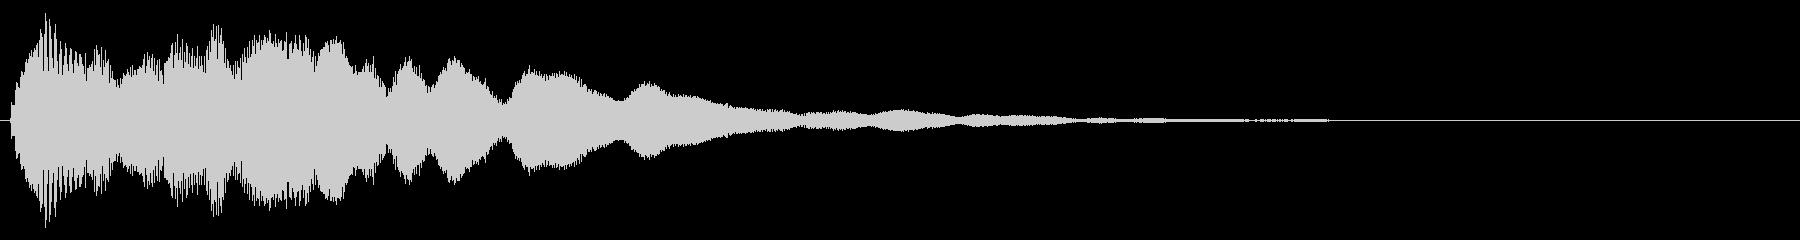 キララリリン(アイキャッチ)の未再生の波形